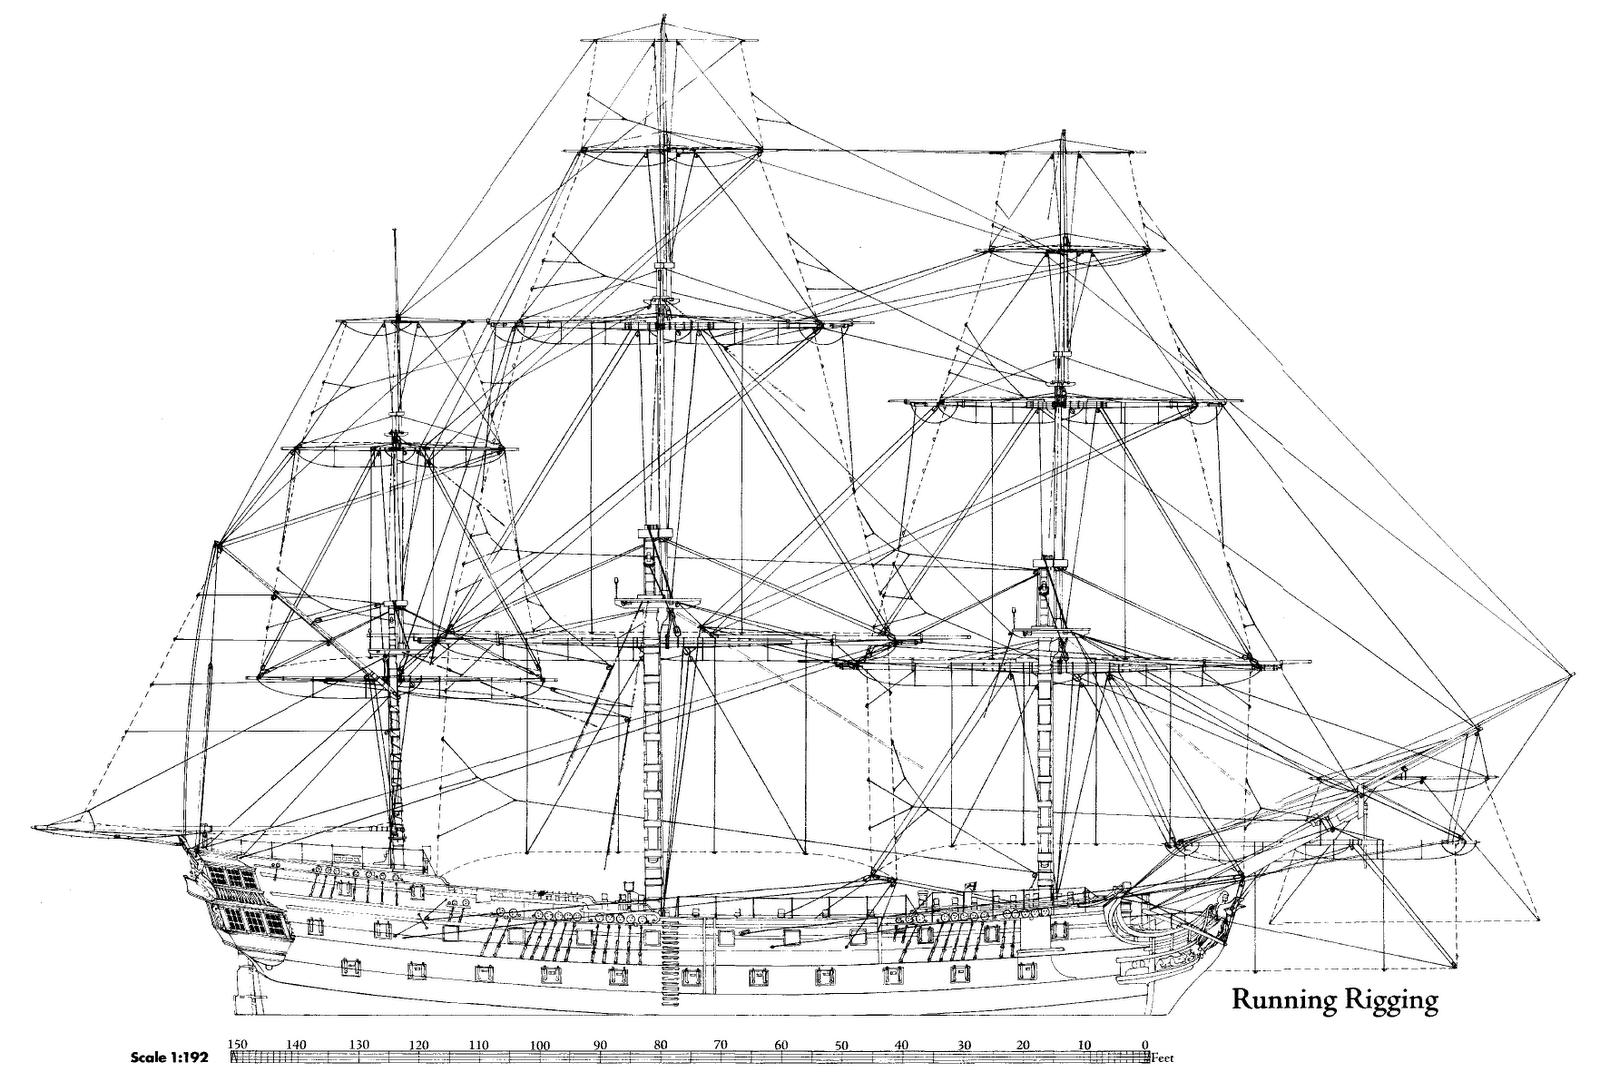 Sailing Sailing Ships And Google On Pinterest